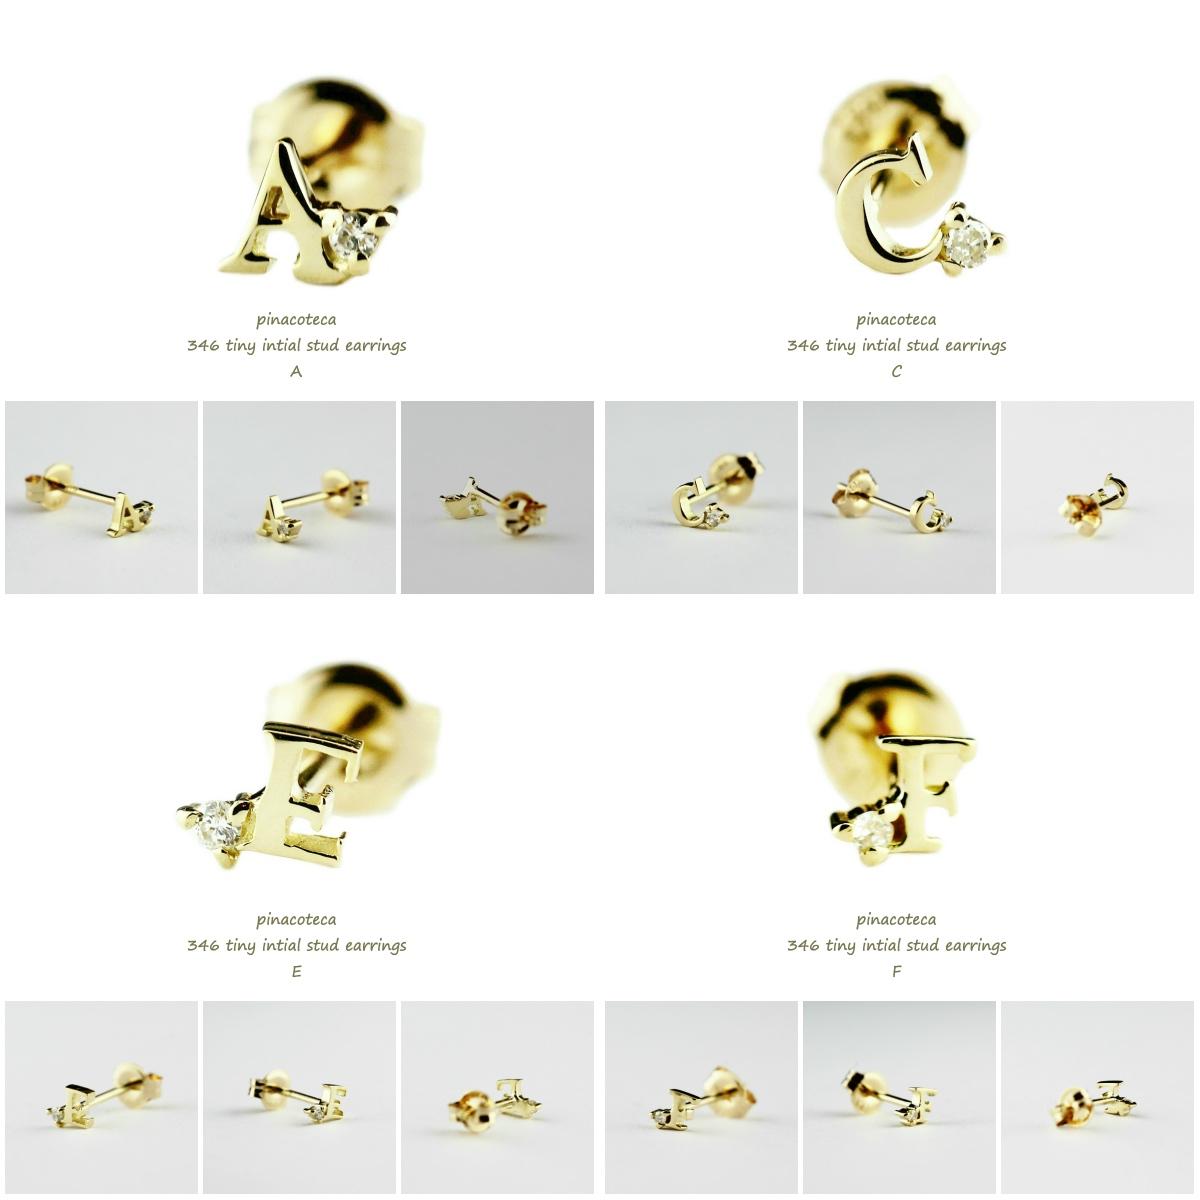 ピナコテーカ 346 タイニー イニシャル スタッド ピアス 18金 片耳,pinacoteca Tiny Initial Stud Earrings K18